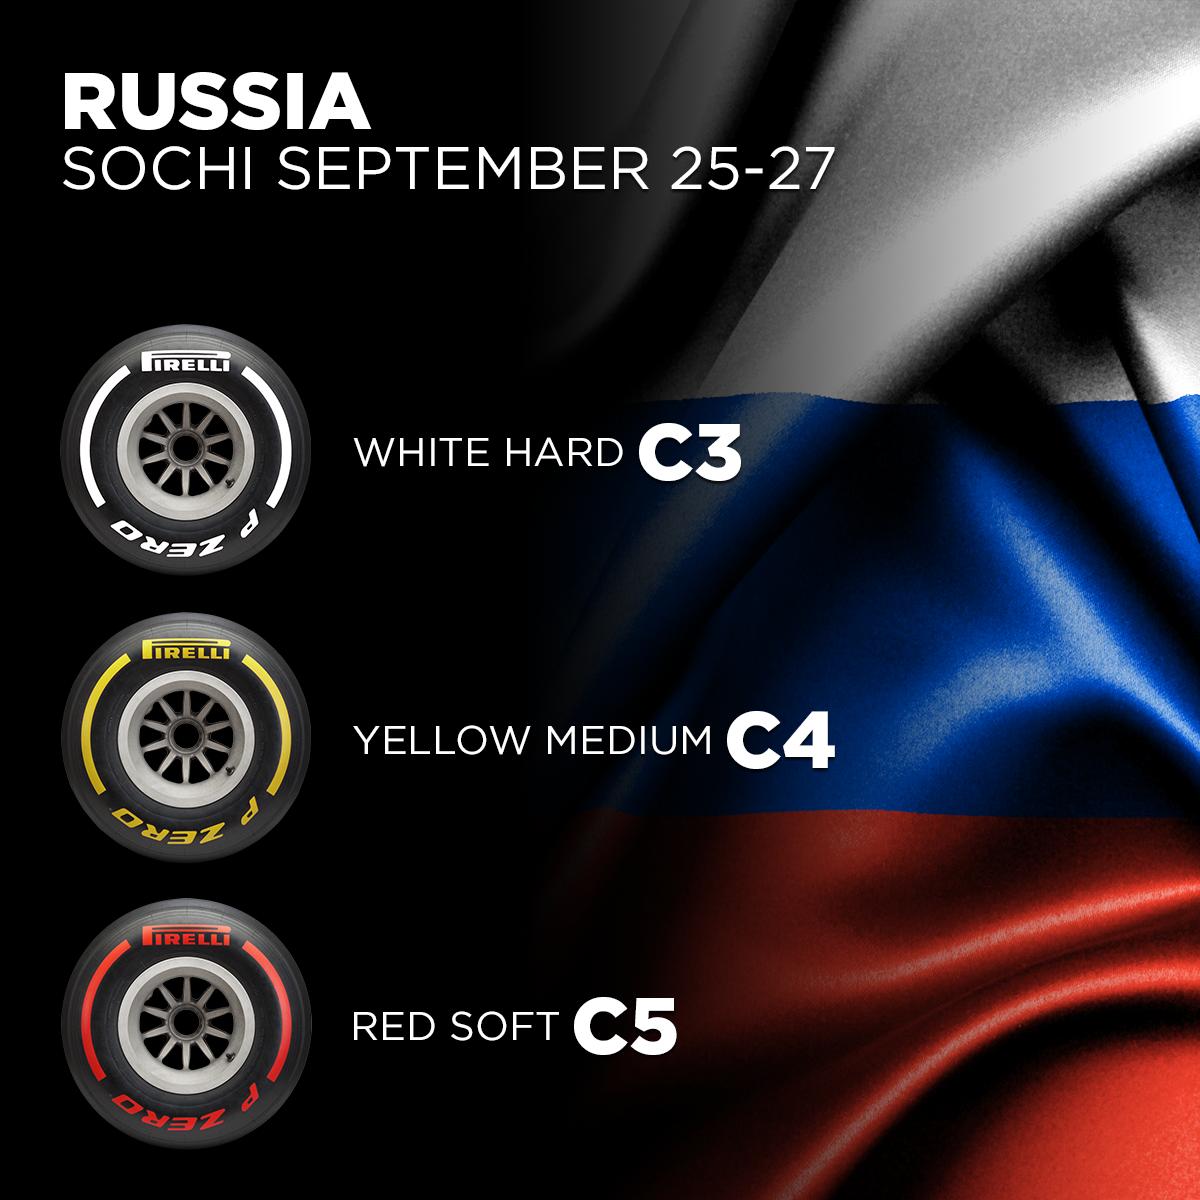 Nomination Pirelli 2020: scelta obbligata per la Toscana, in Russia torna la C5